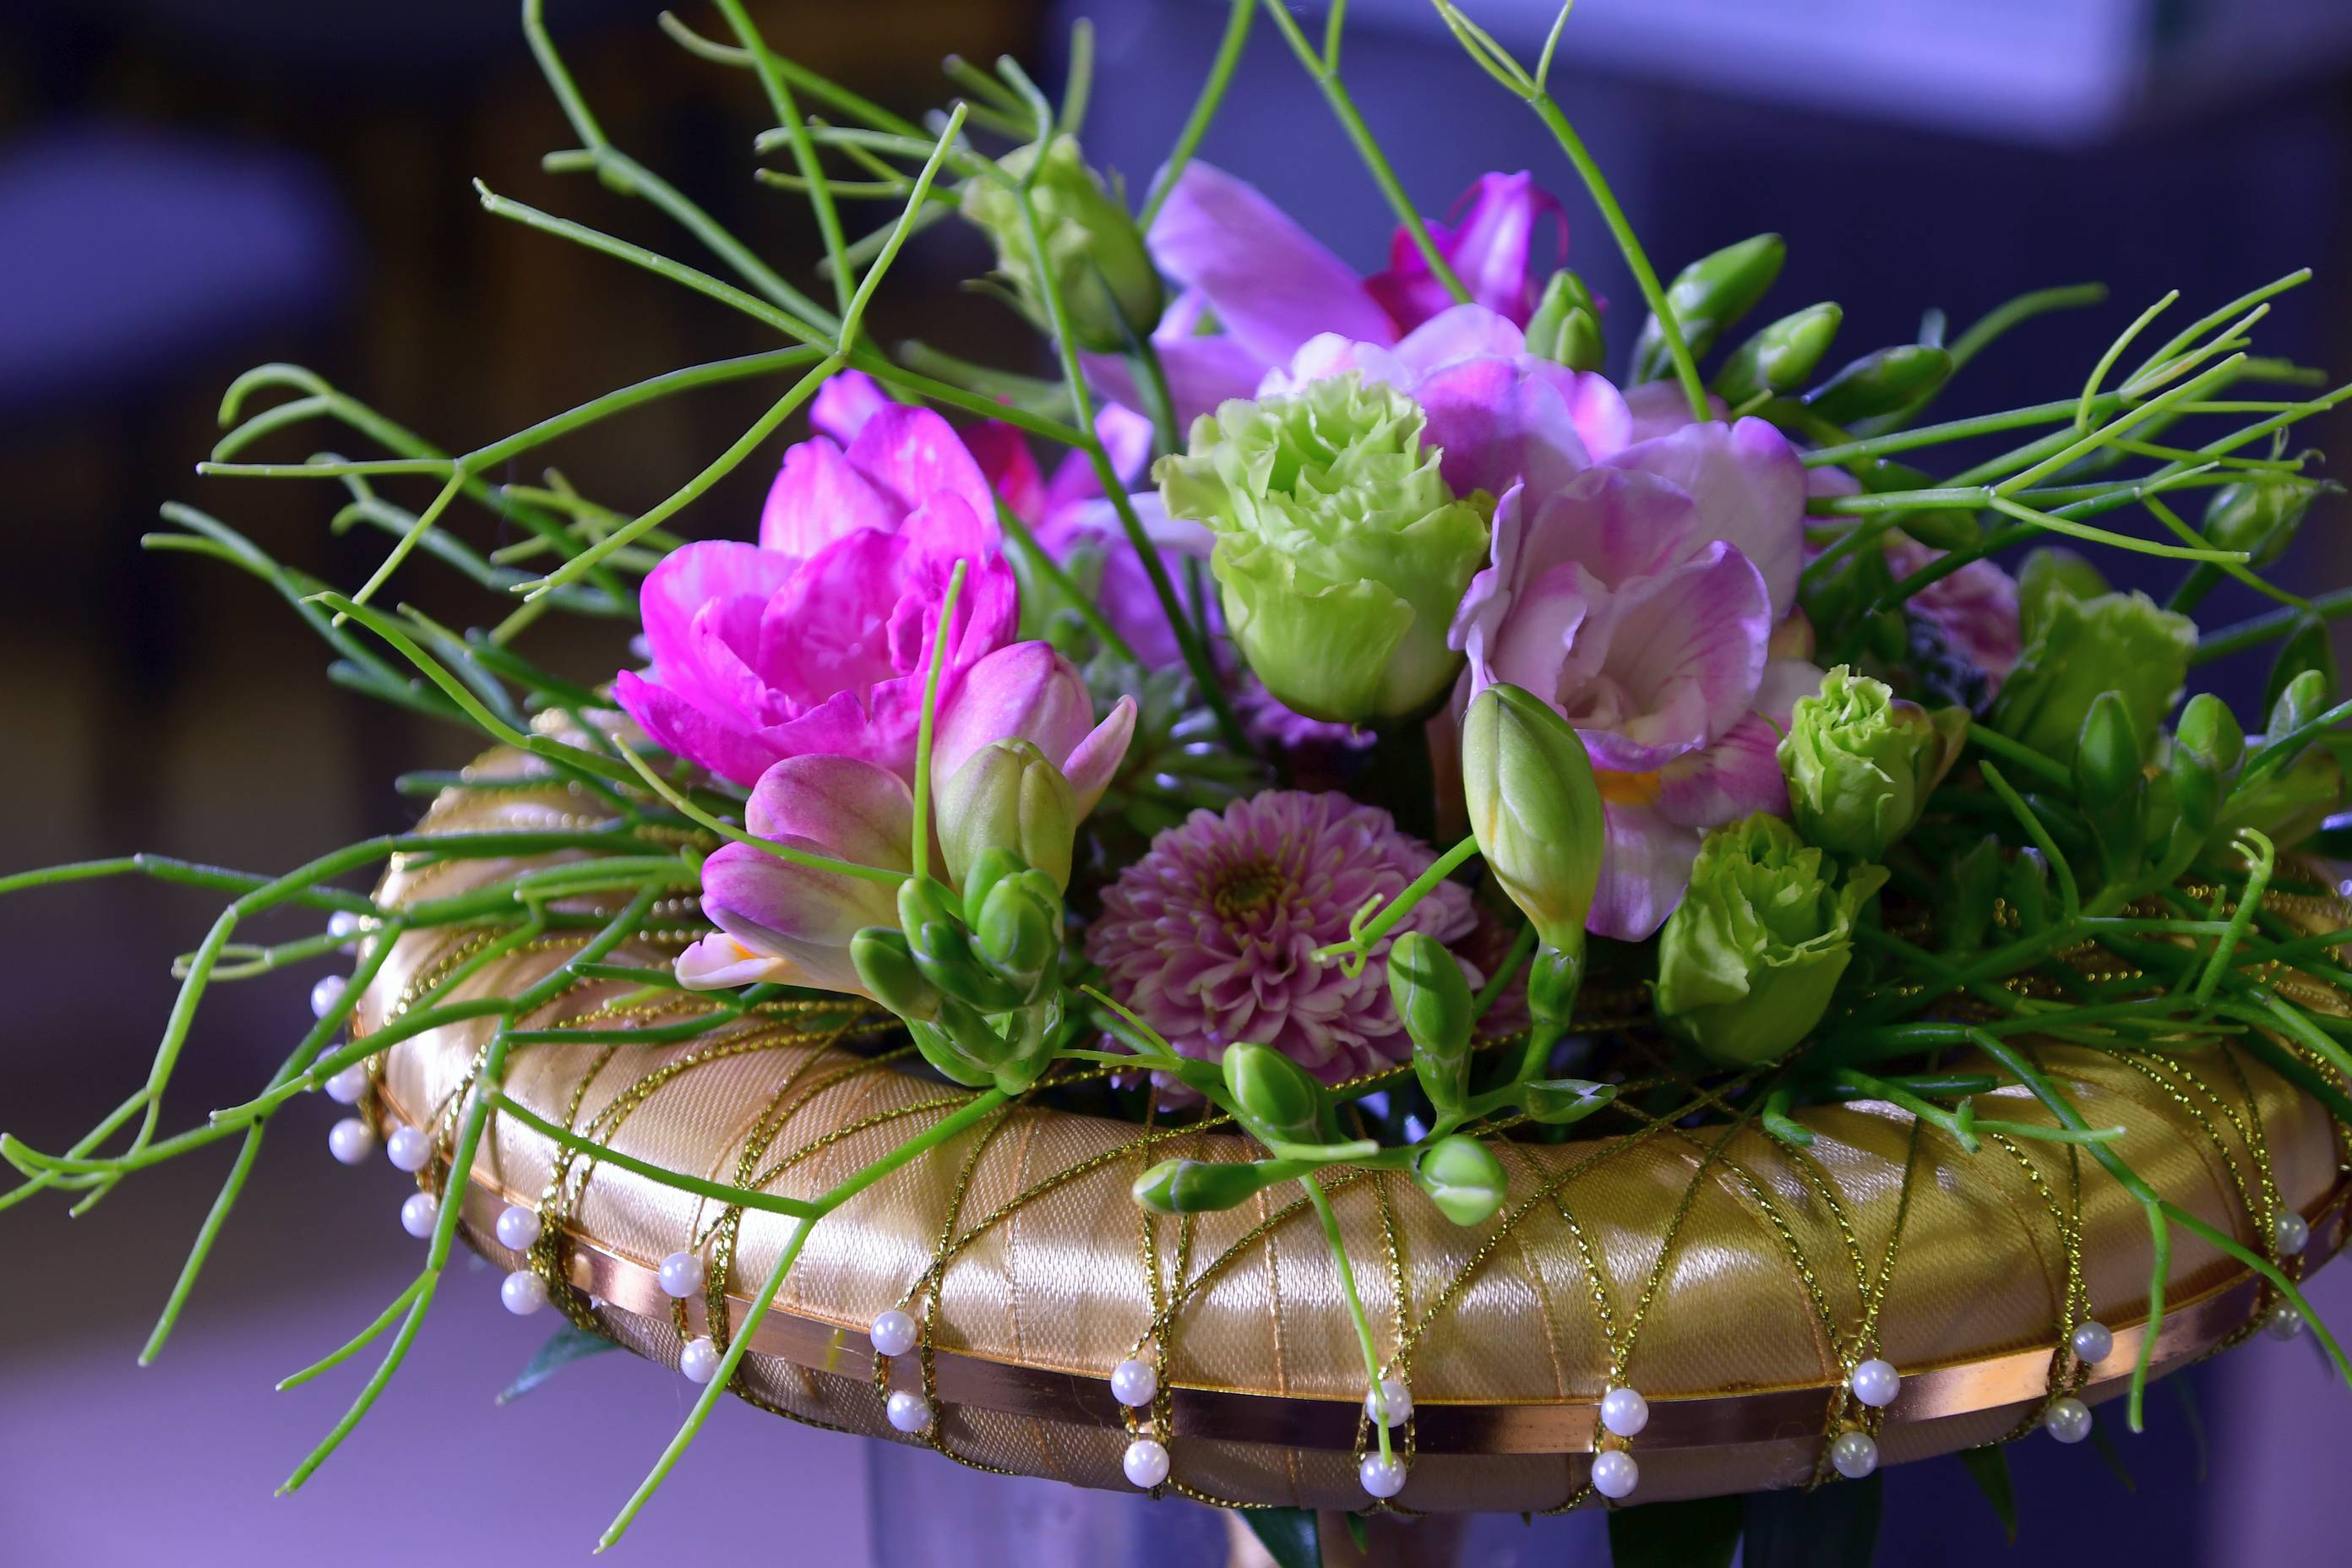 Flora Hungaria virágkötészeti bemutató: Takács Diána és Nagy Péter